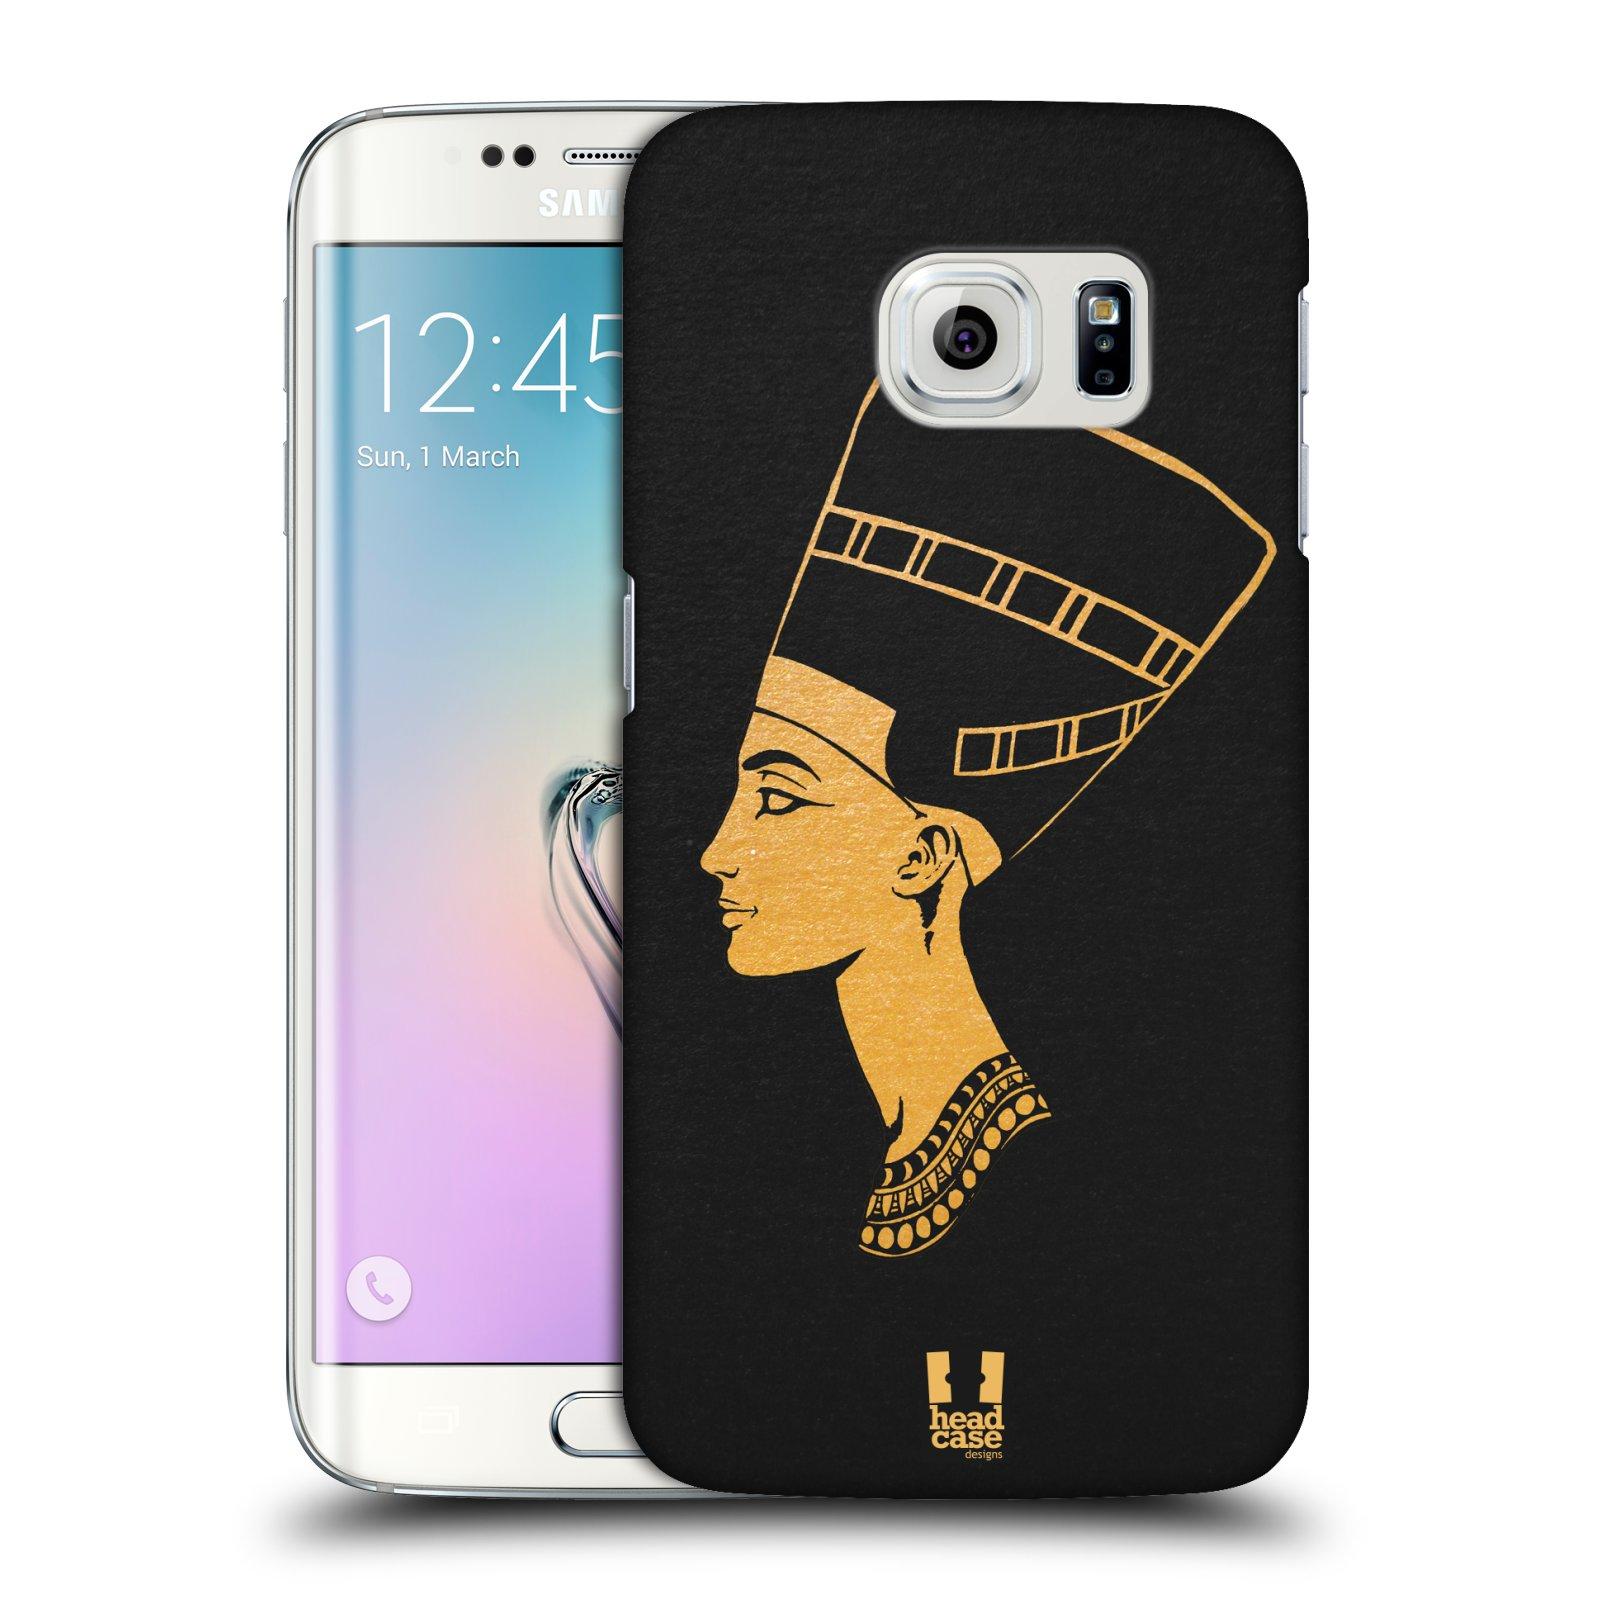 Plastové pouzdro na mobil Samsung Galaxy S6 Edge HEAD CASE EGYPT NEFERTITI (Kryt či obal na mobilní telefon Samsung Galaxy S6 Edge SM-G925F)